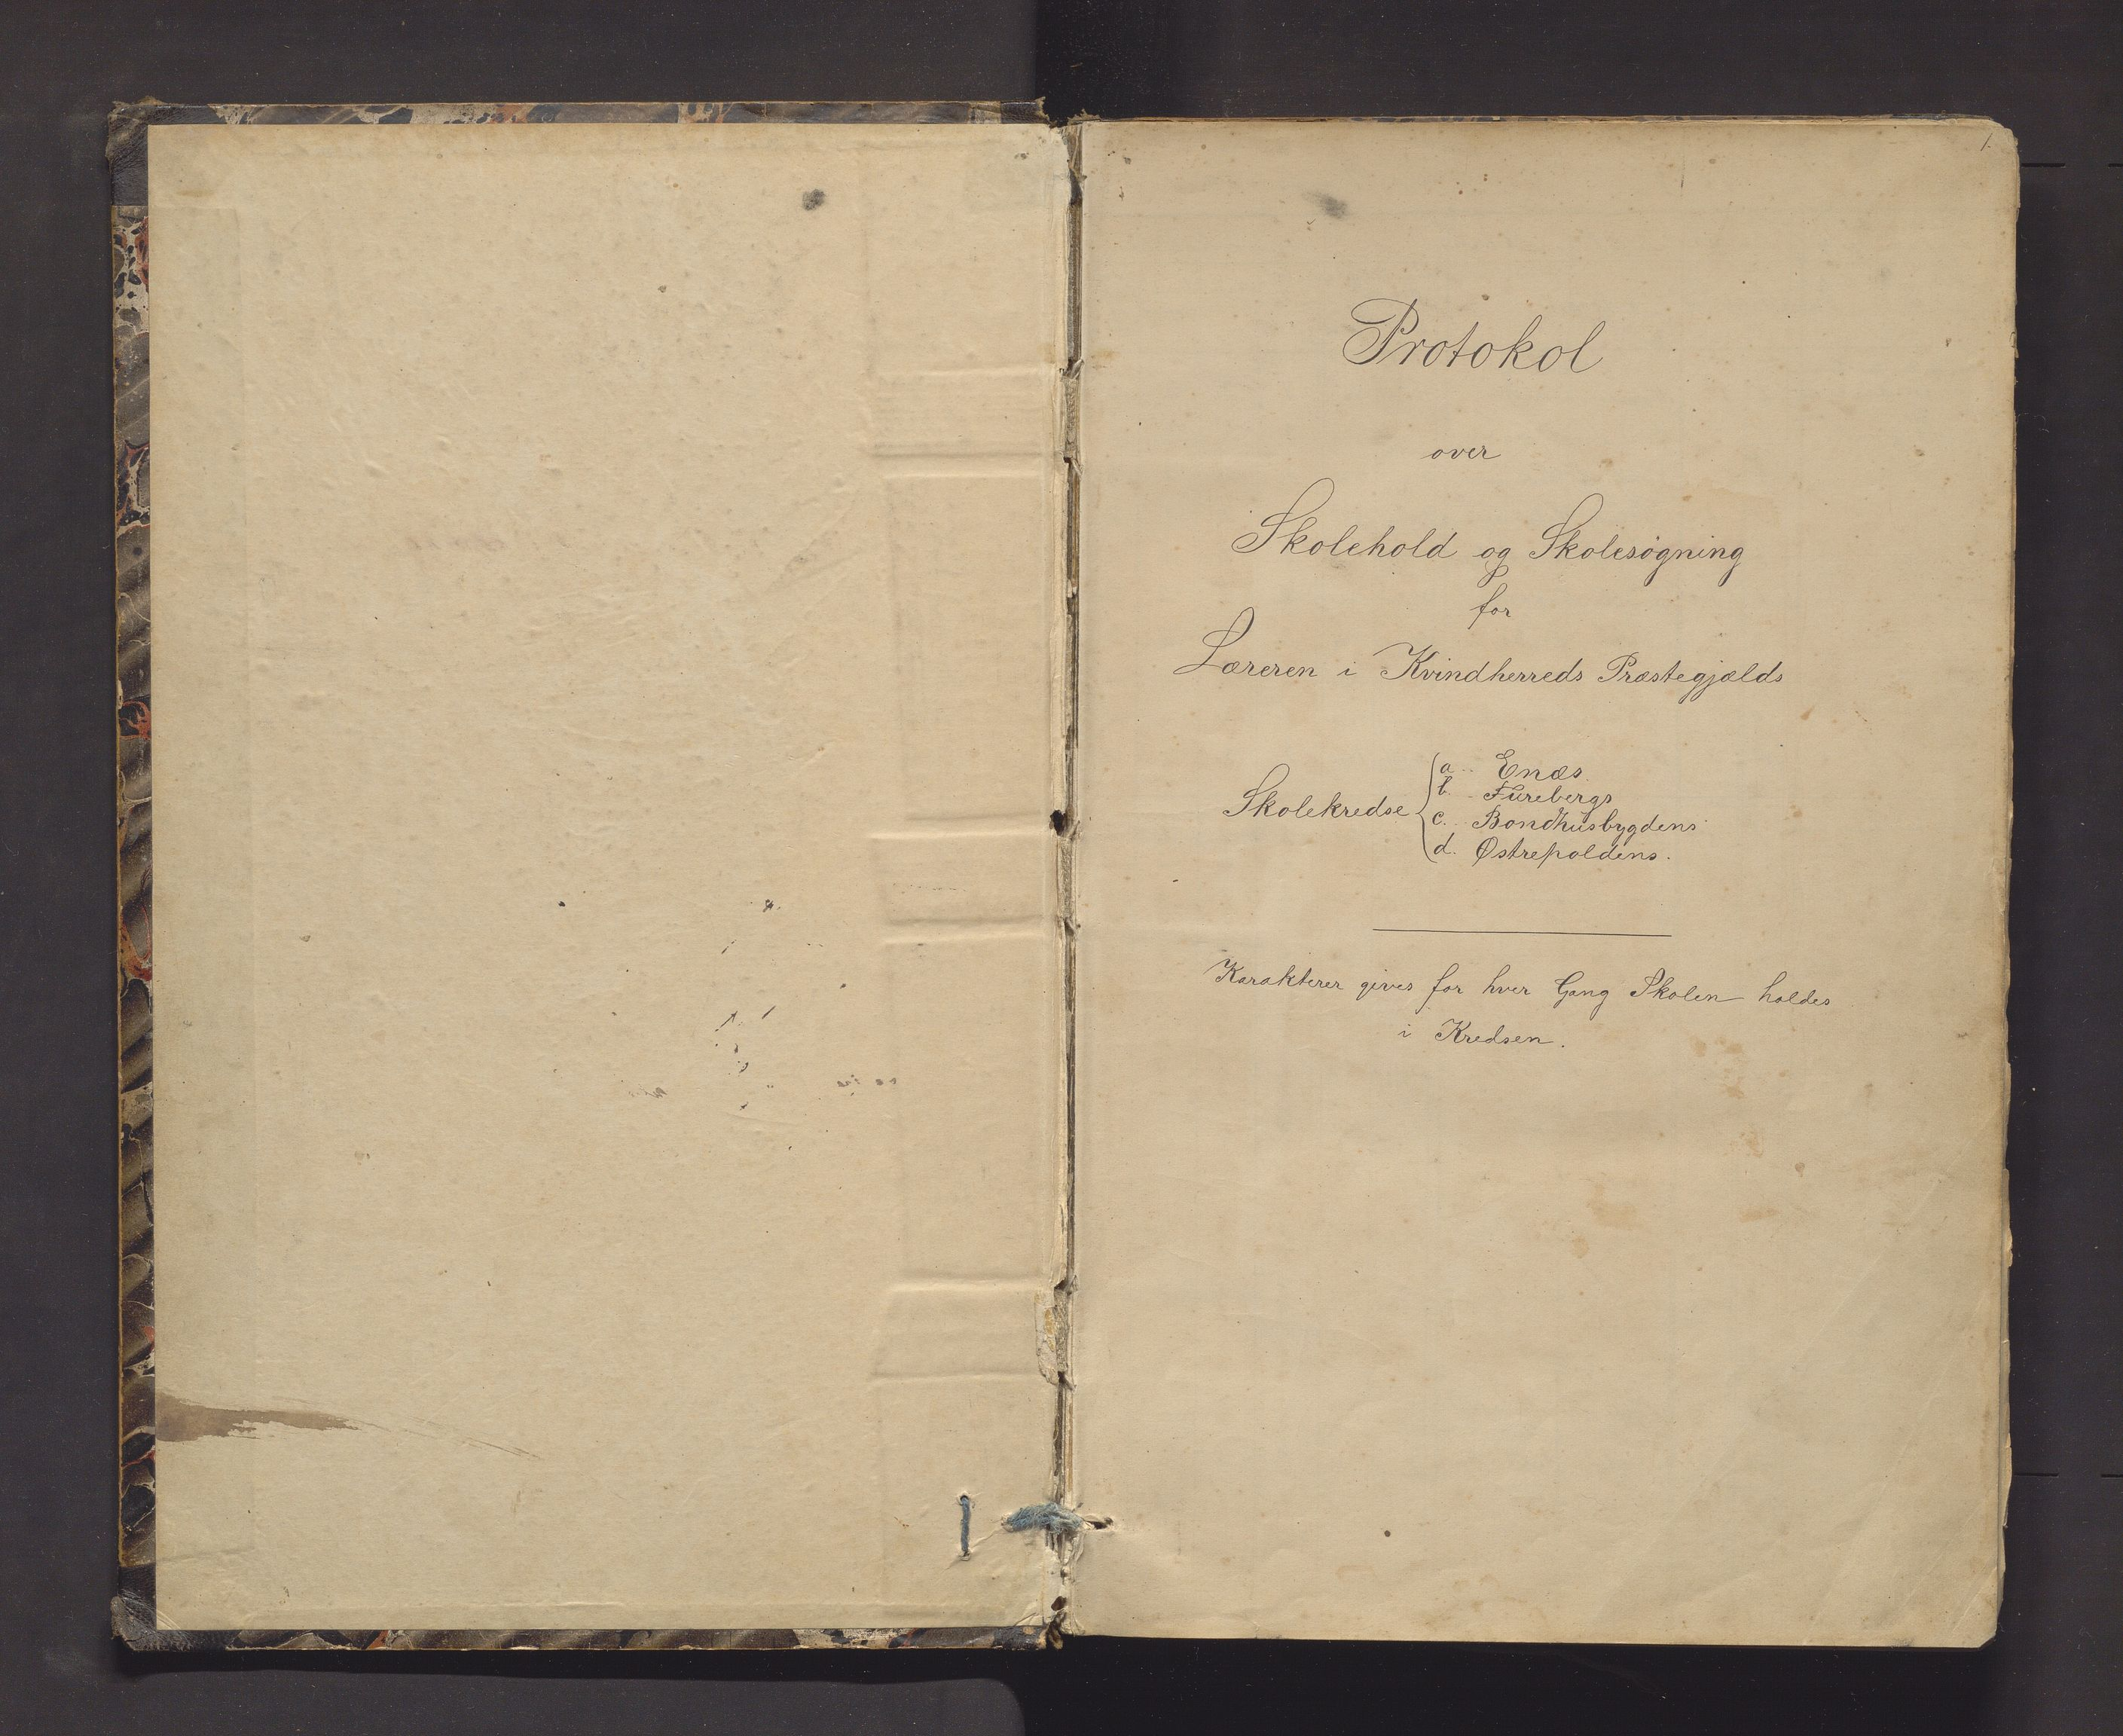 IKAH, Kvinnherad kommune. Barneskulane, F/Fd/L0006: Skuleprotokoll for Ænes, Fureberg og Tveitnes, Bondhusbygden og Austrepollen krinsar, 1877-1916